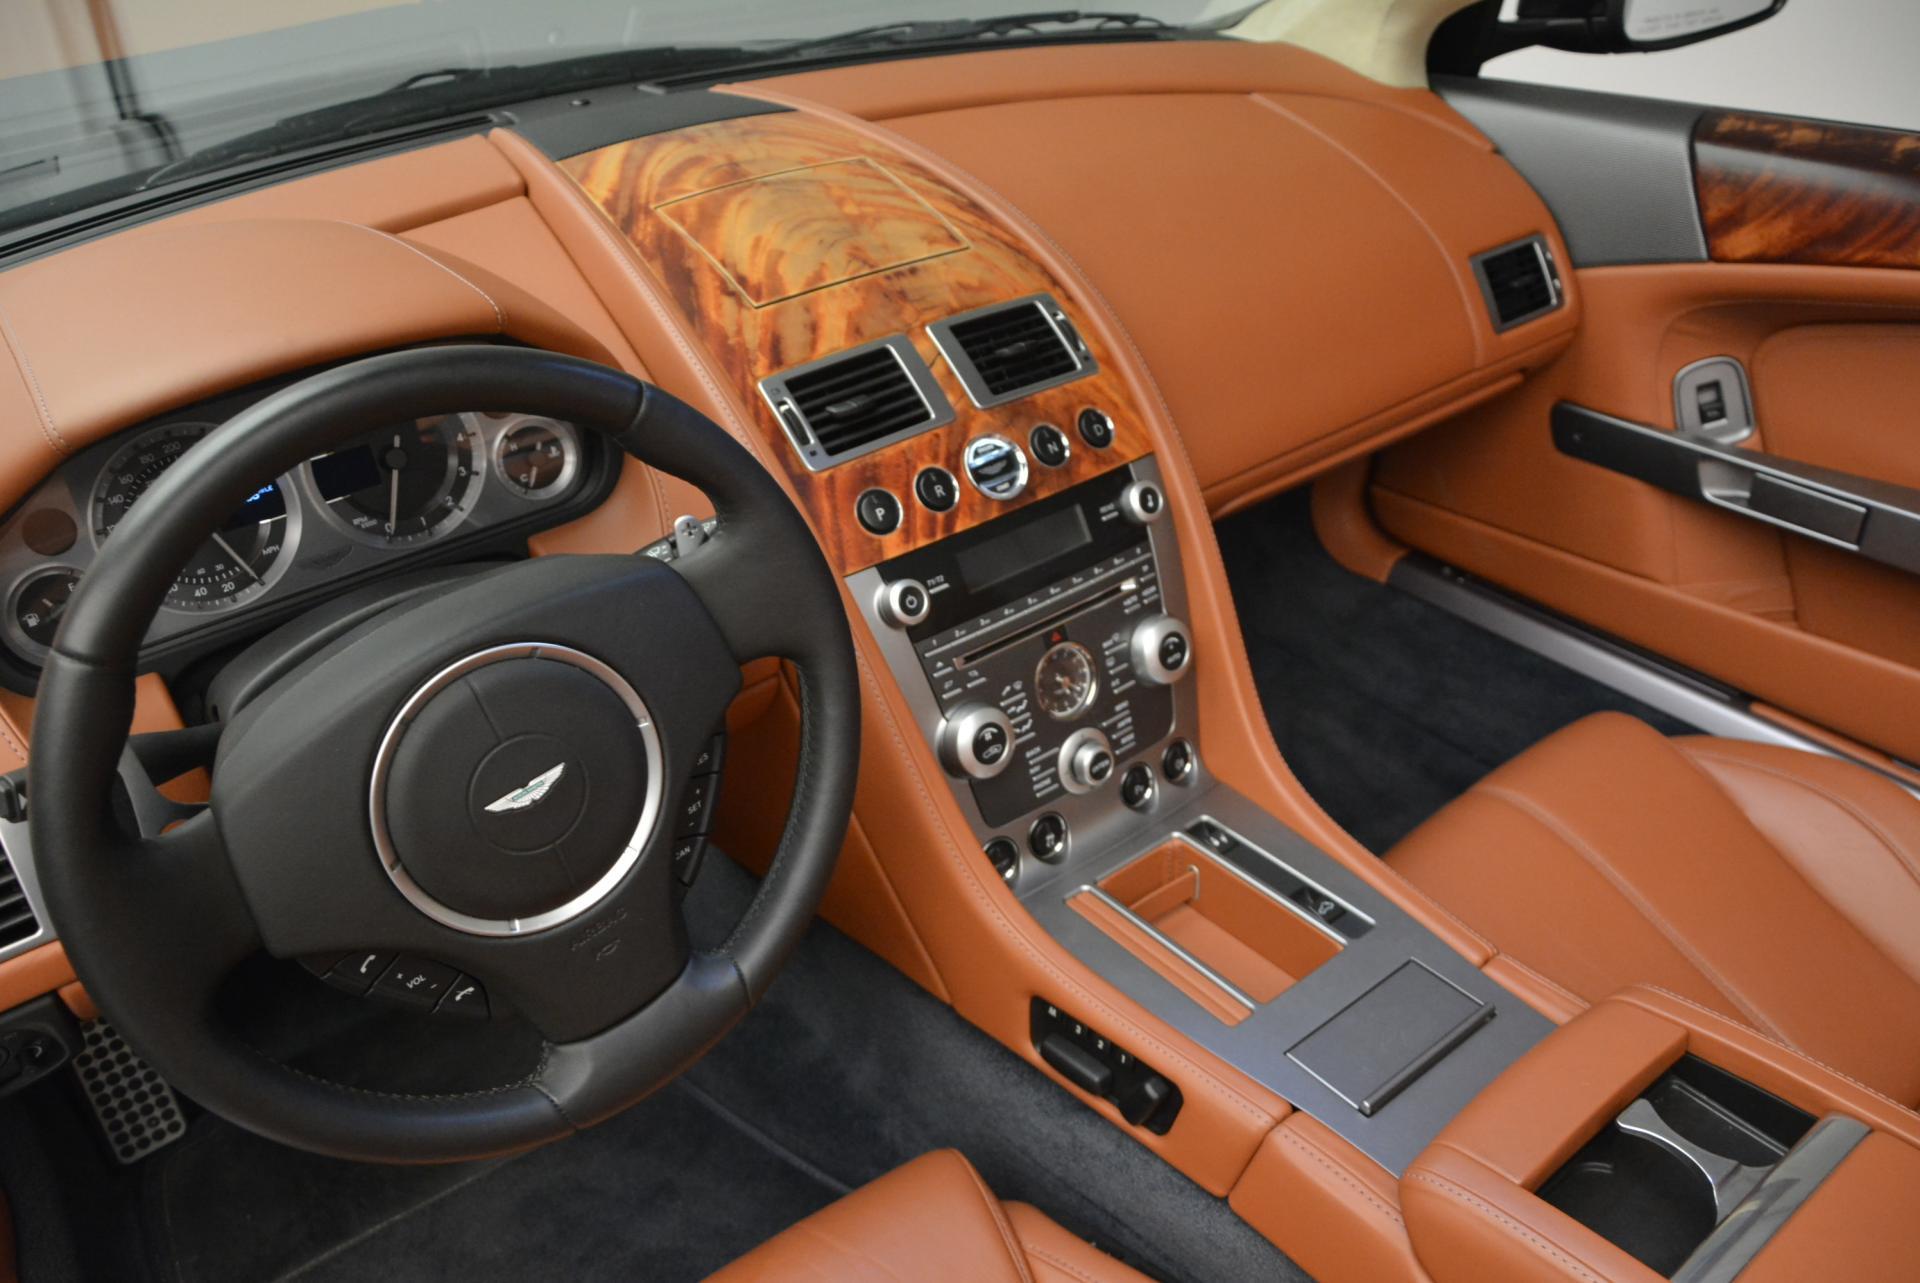 2009 aston martin db9 volante stock # 7011 for sale near greenwich